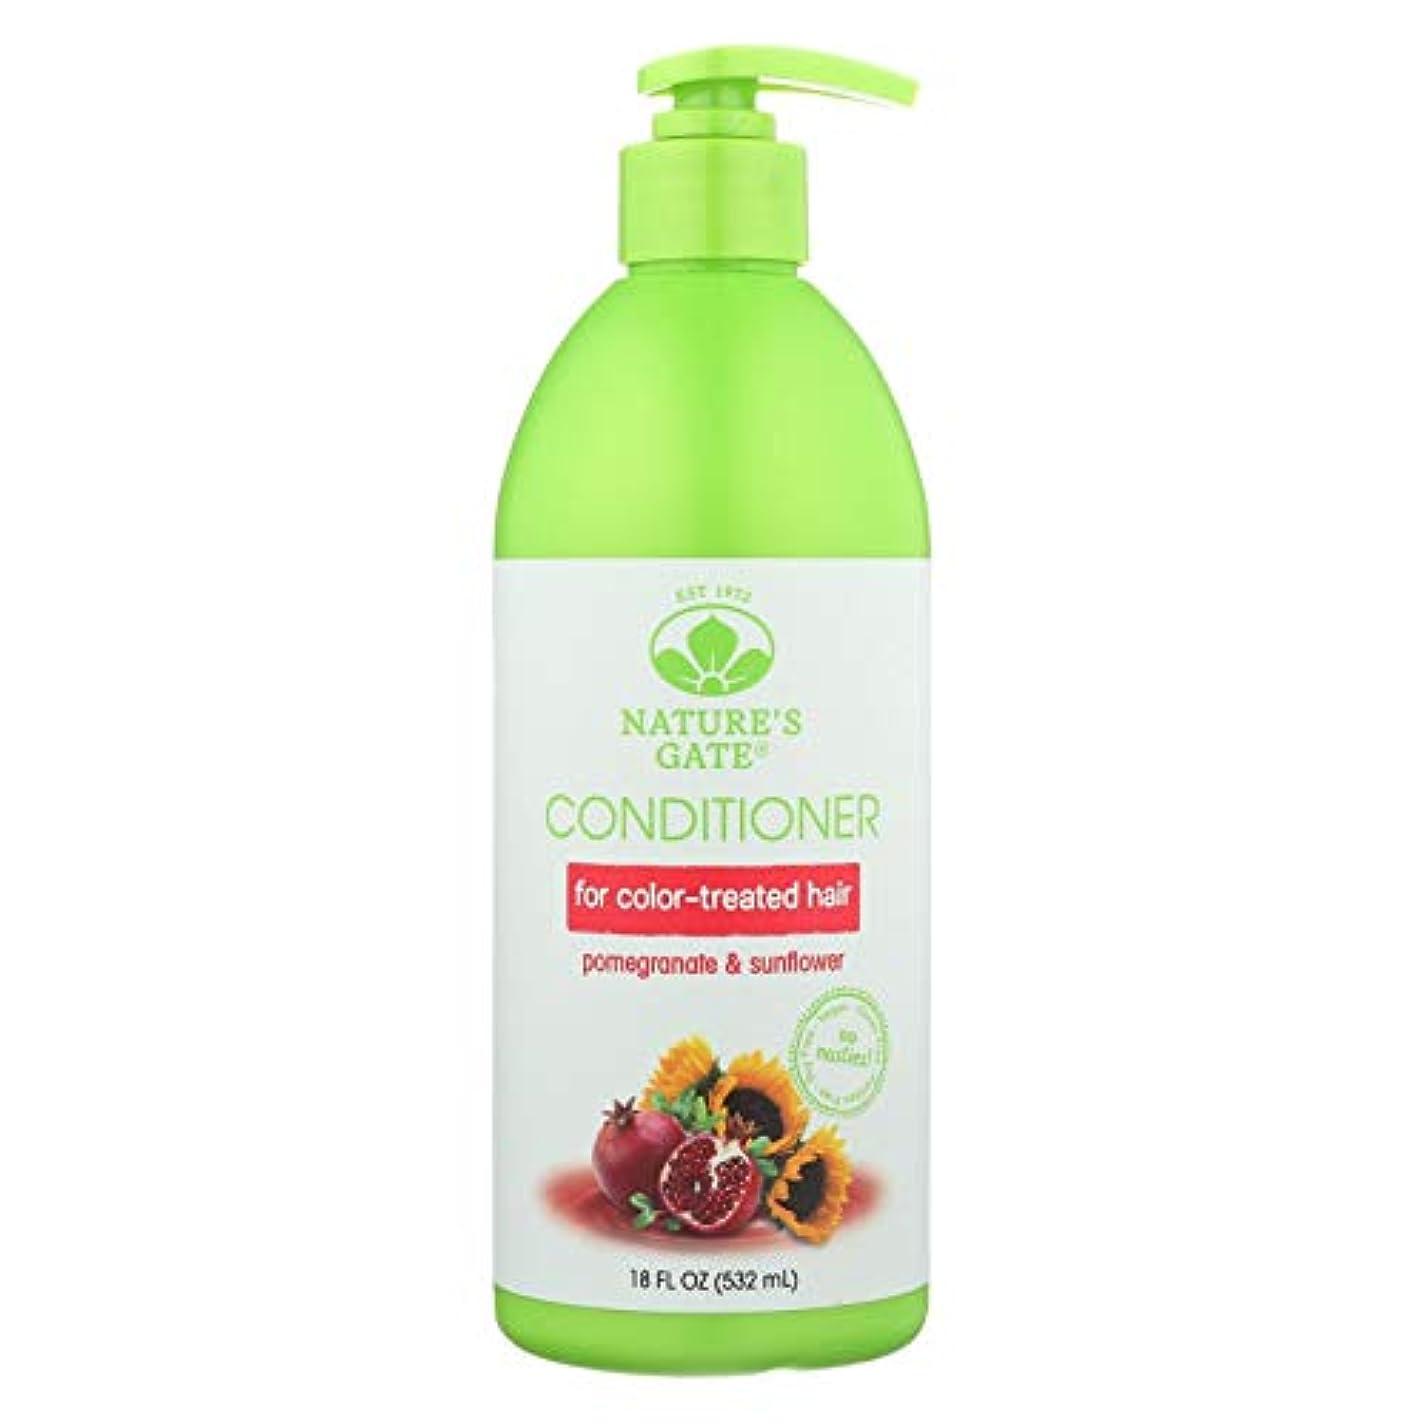 早熟養う非効率的なNature's Gate, Conditioner, Hair Defense, Pomegranate Sunflower, 18 fl oz (532 ml)